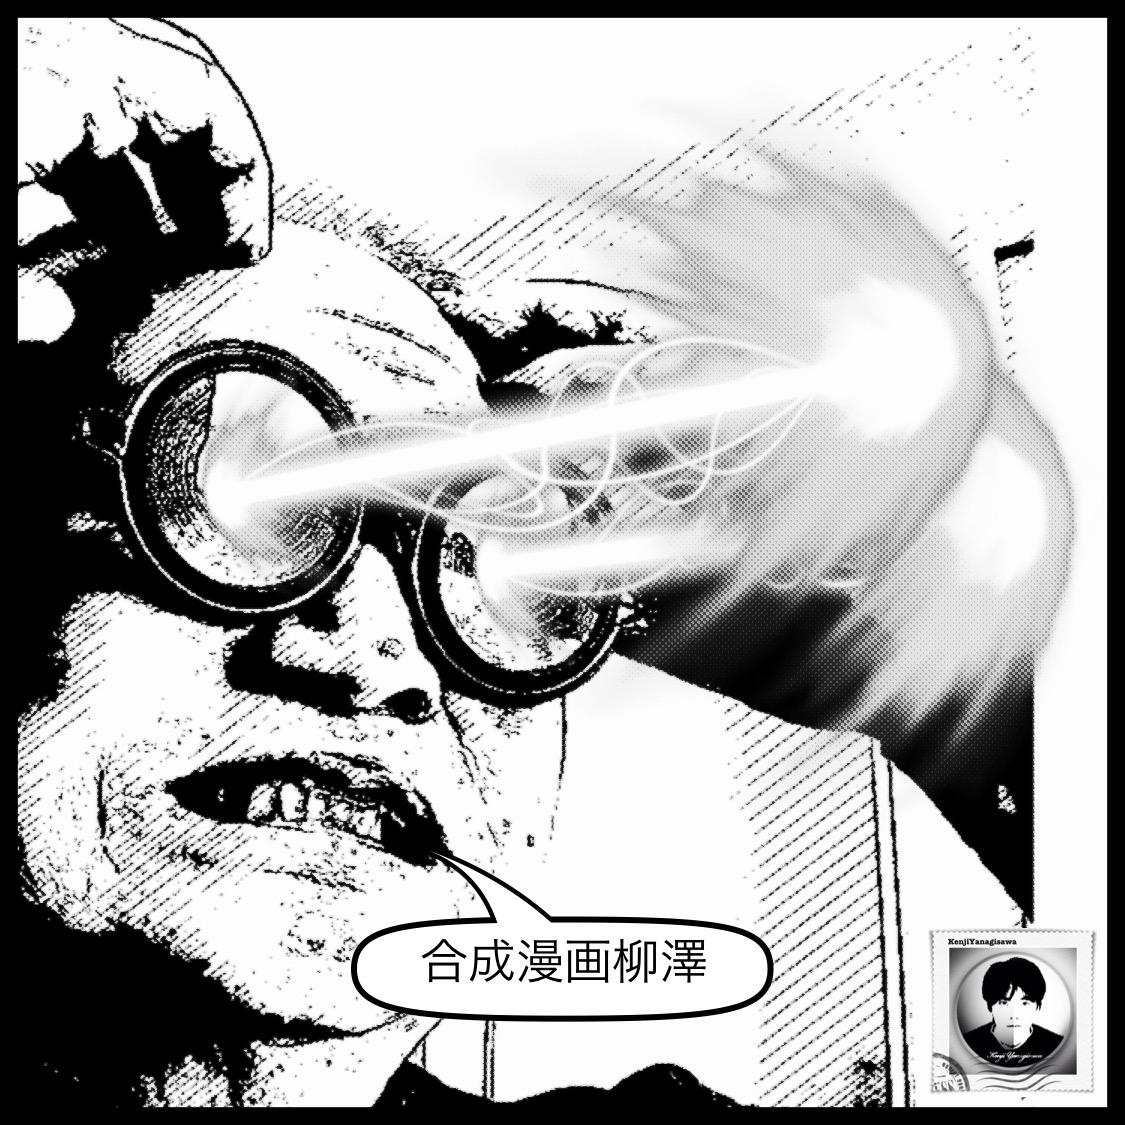 合成漫画柳澤の動画版